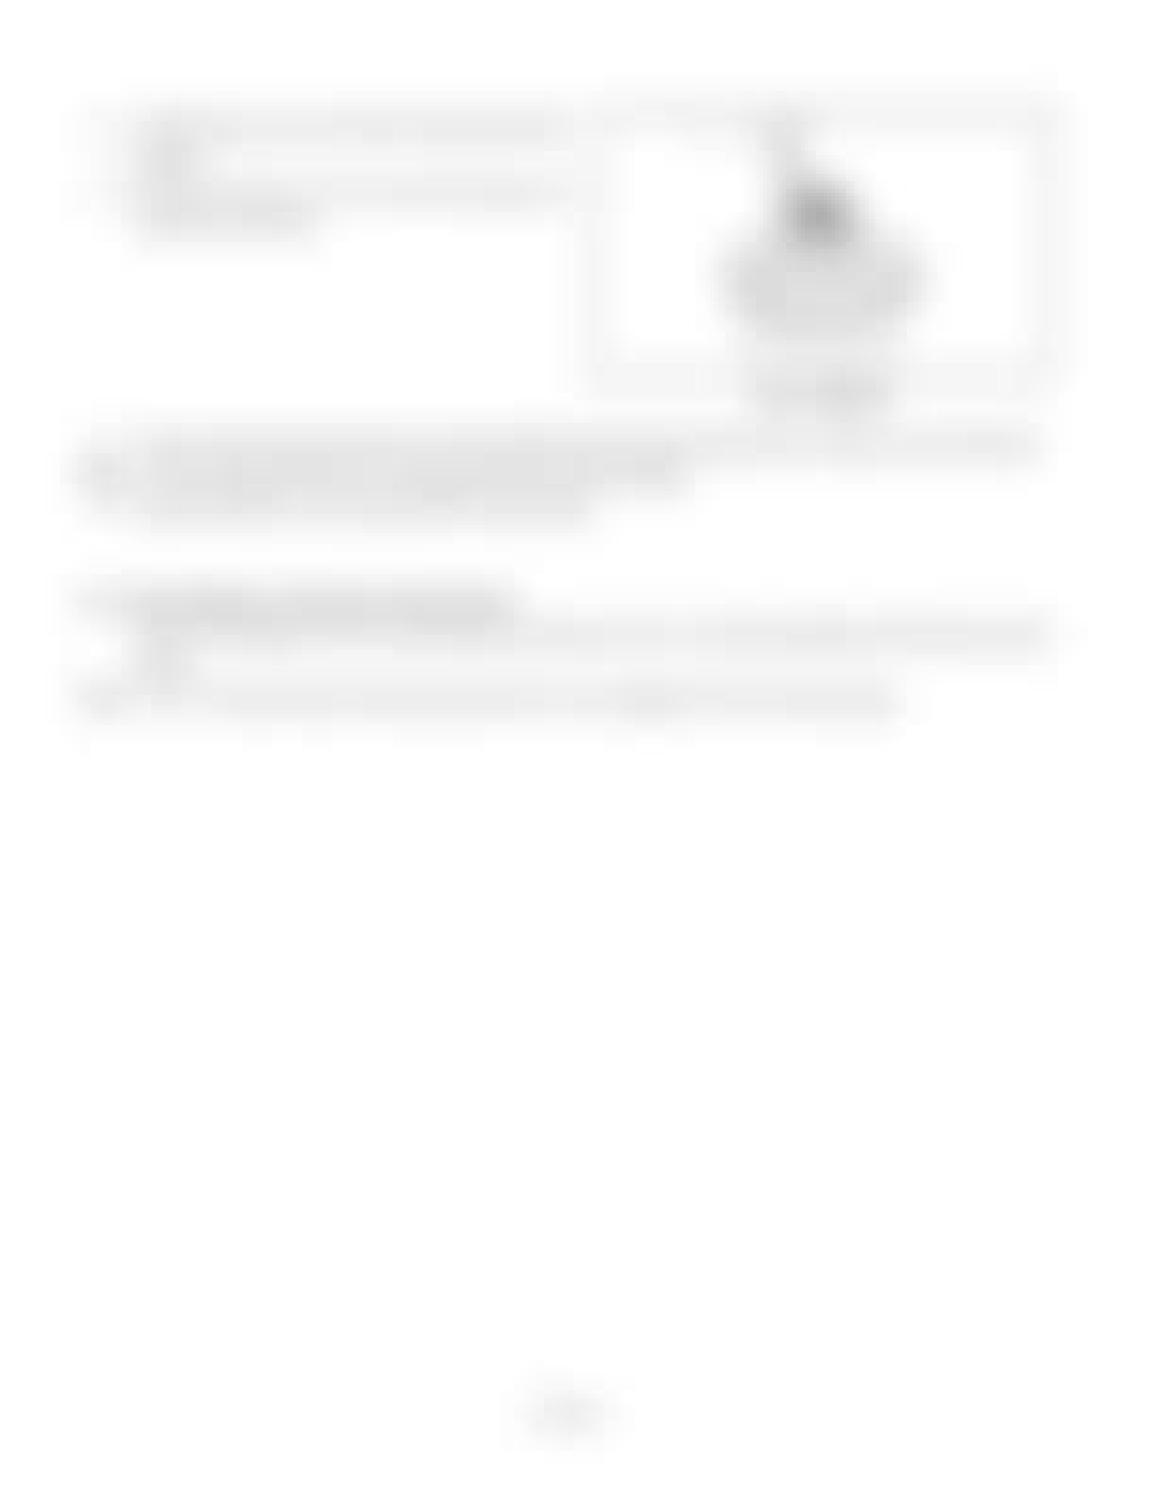 Hitachi LX110-7 LX130-7 LX160-7 LX190-7 LX230-7 Wheel Loader Workshop Manual - PDF DOWNLOAD page 128